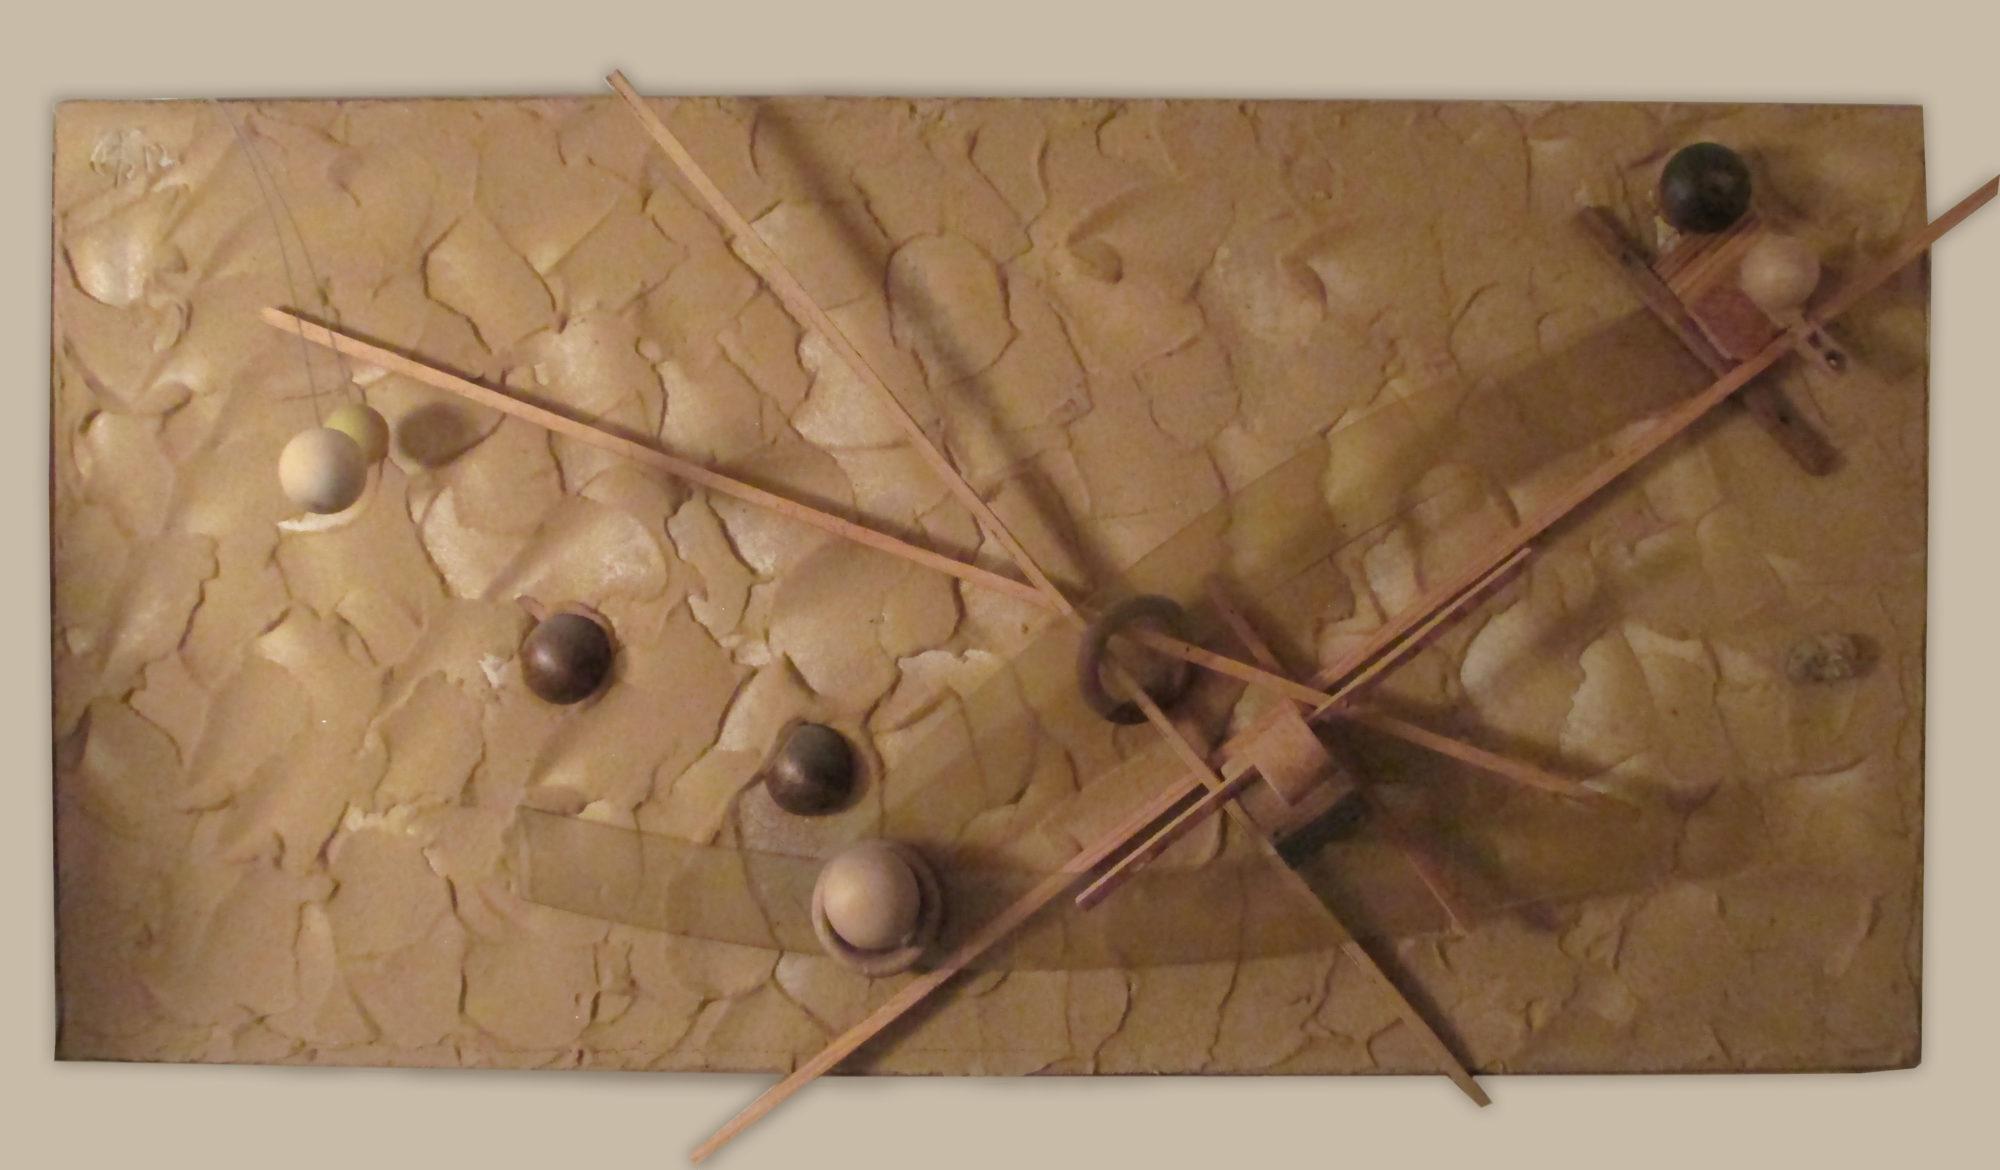 Выставка «Формы в пространстве» в галерее «На Каширке» – события на сайте «Московские Сезоны»